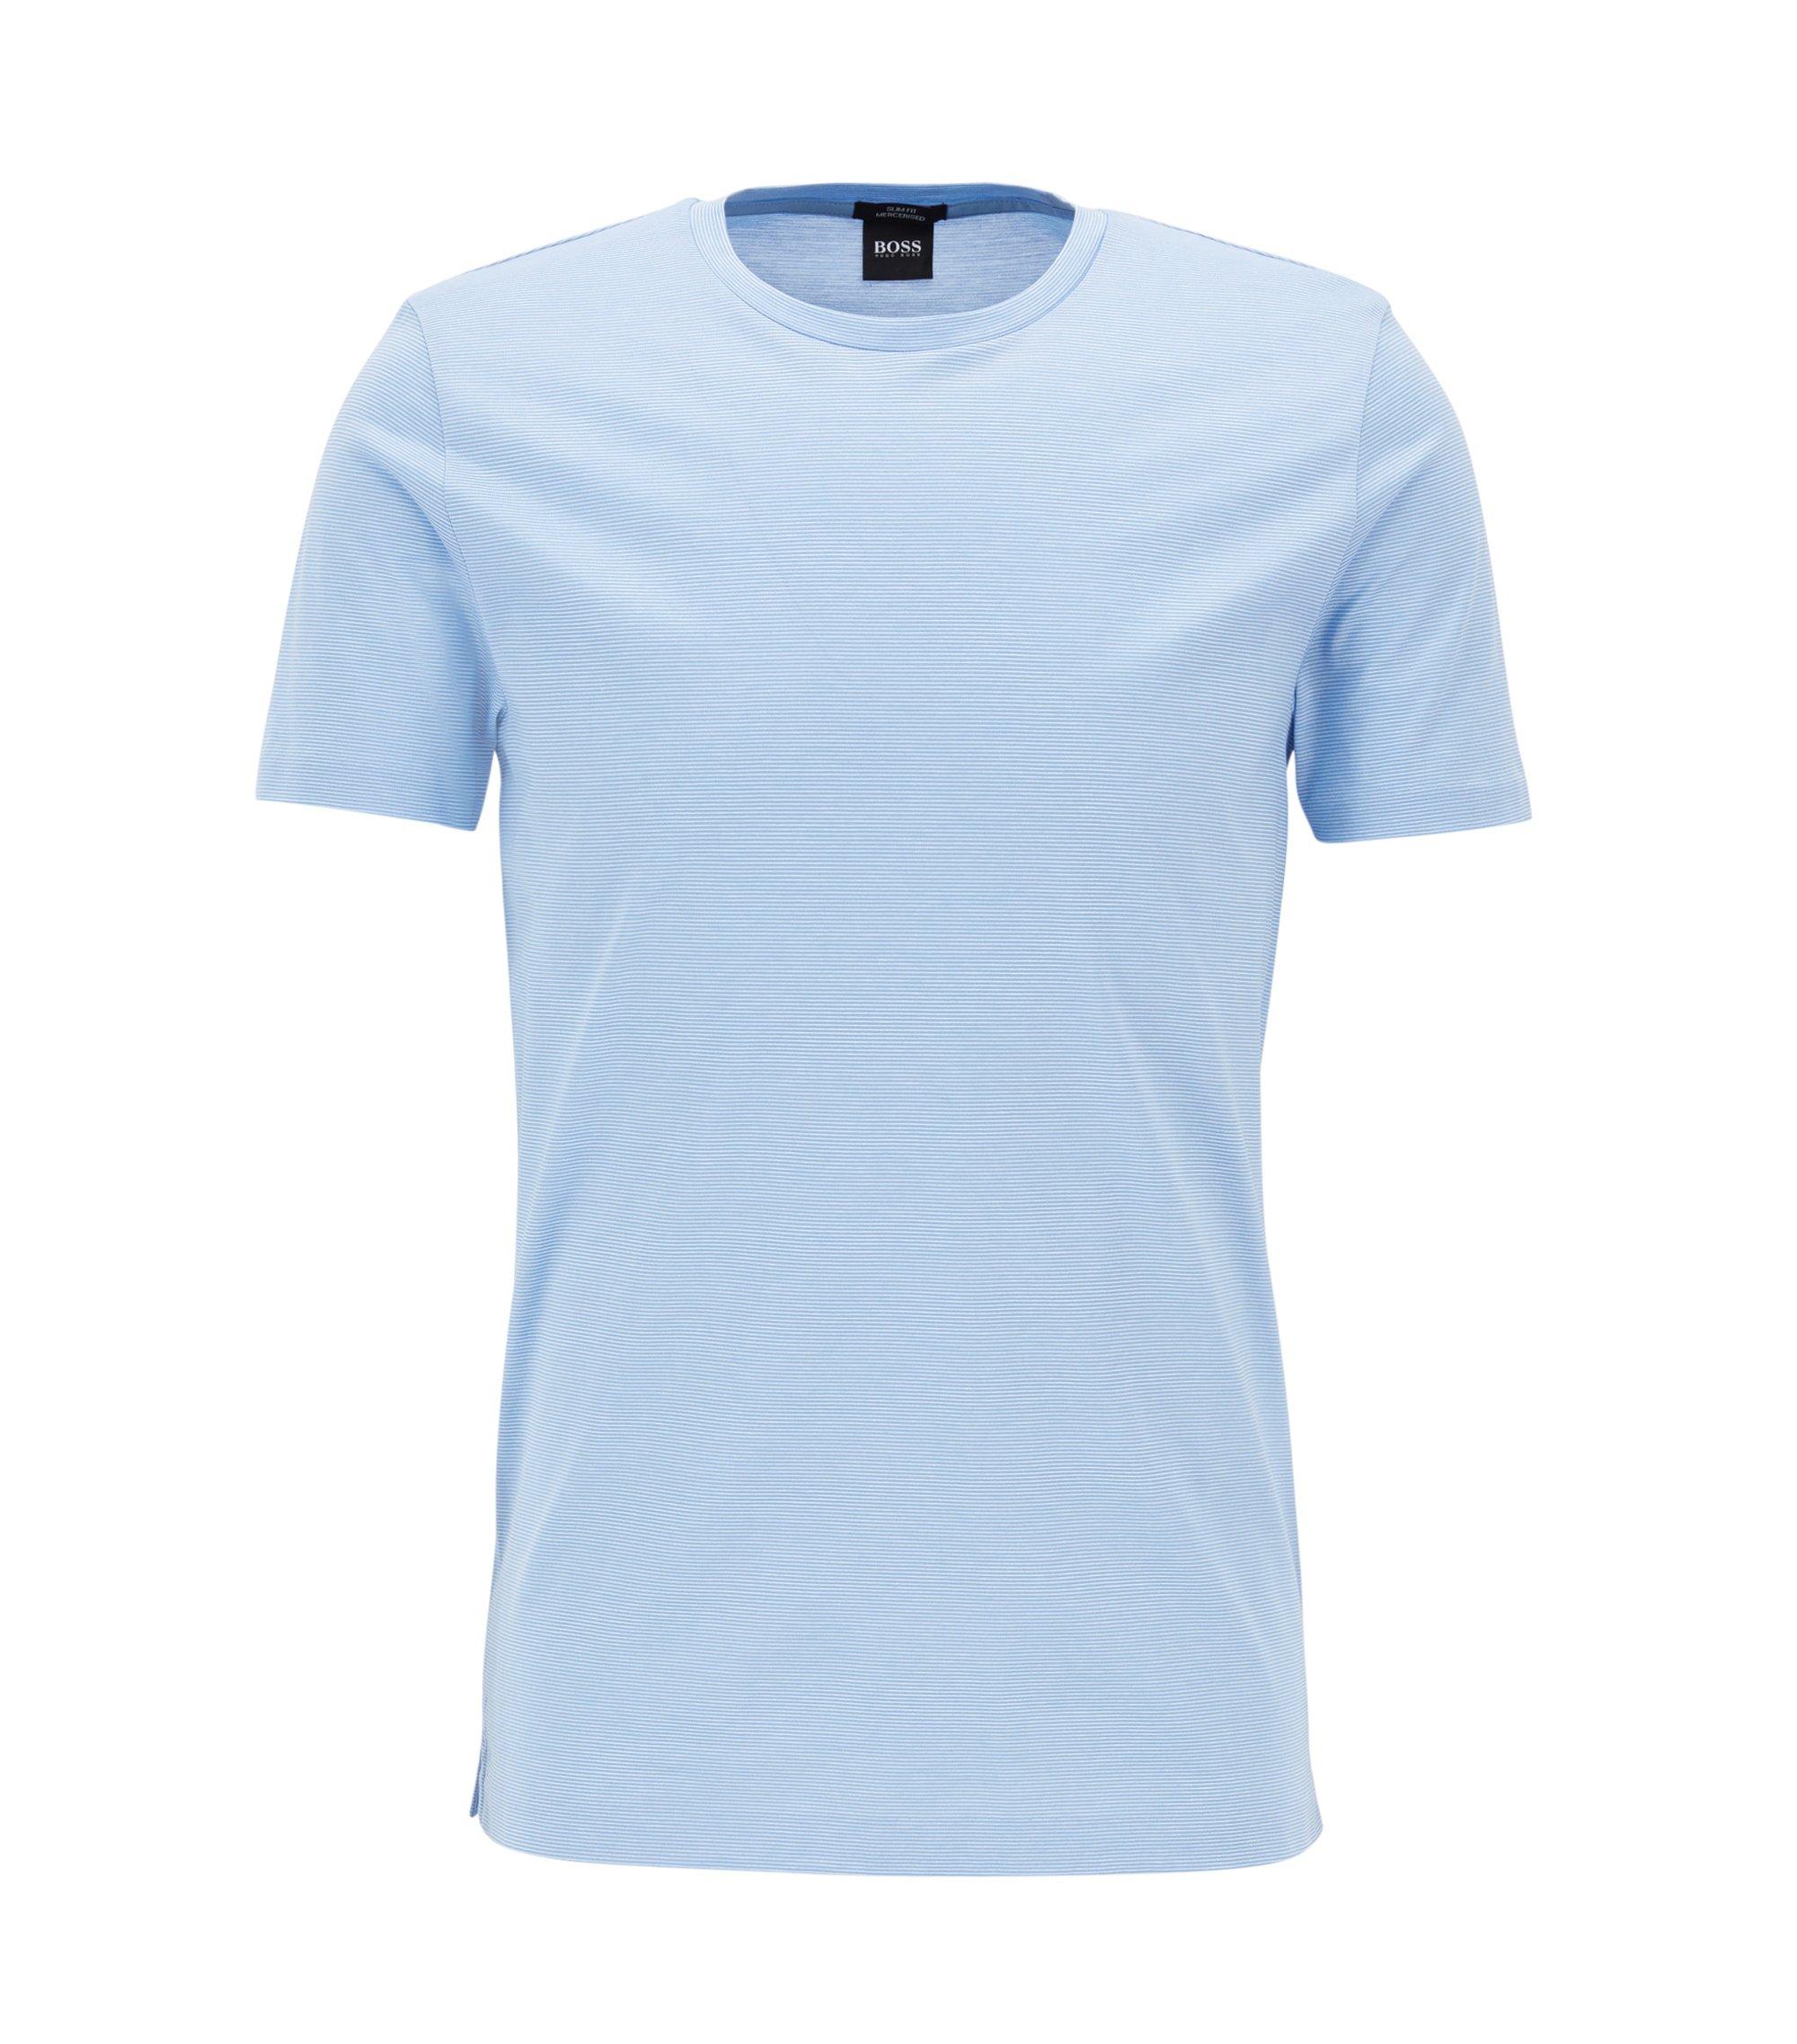 Slim-Fit T-Shirt aus merzerisierter Baumwolle, Hellblau